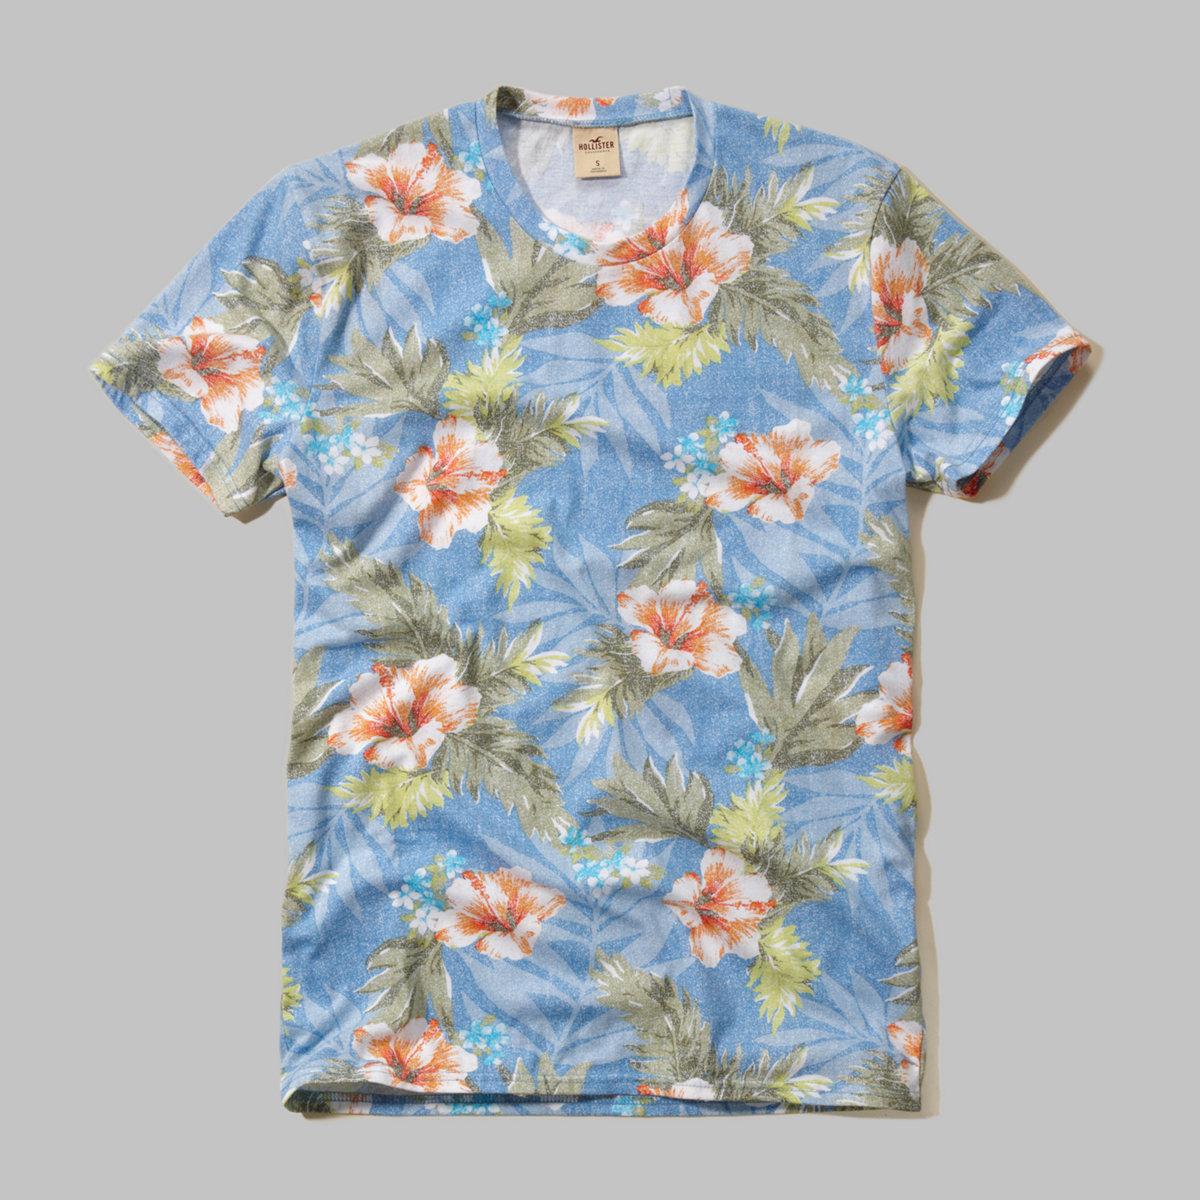 Scripp's Park T-Shirt